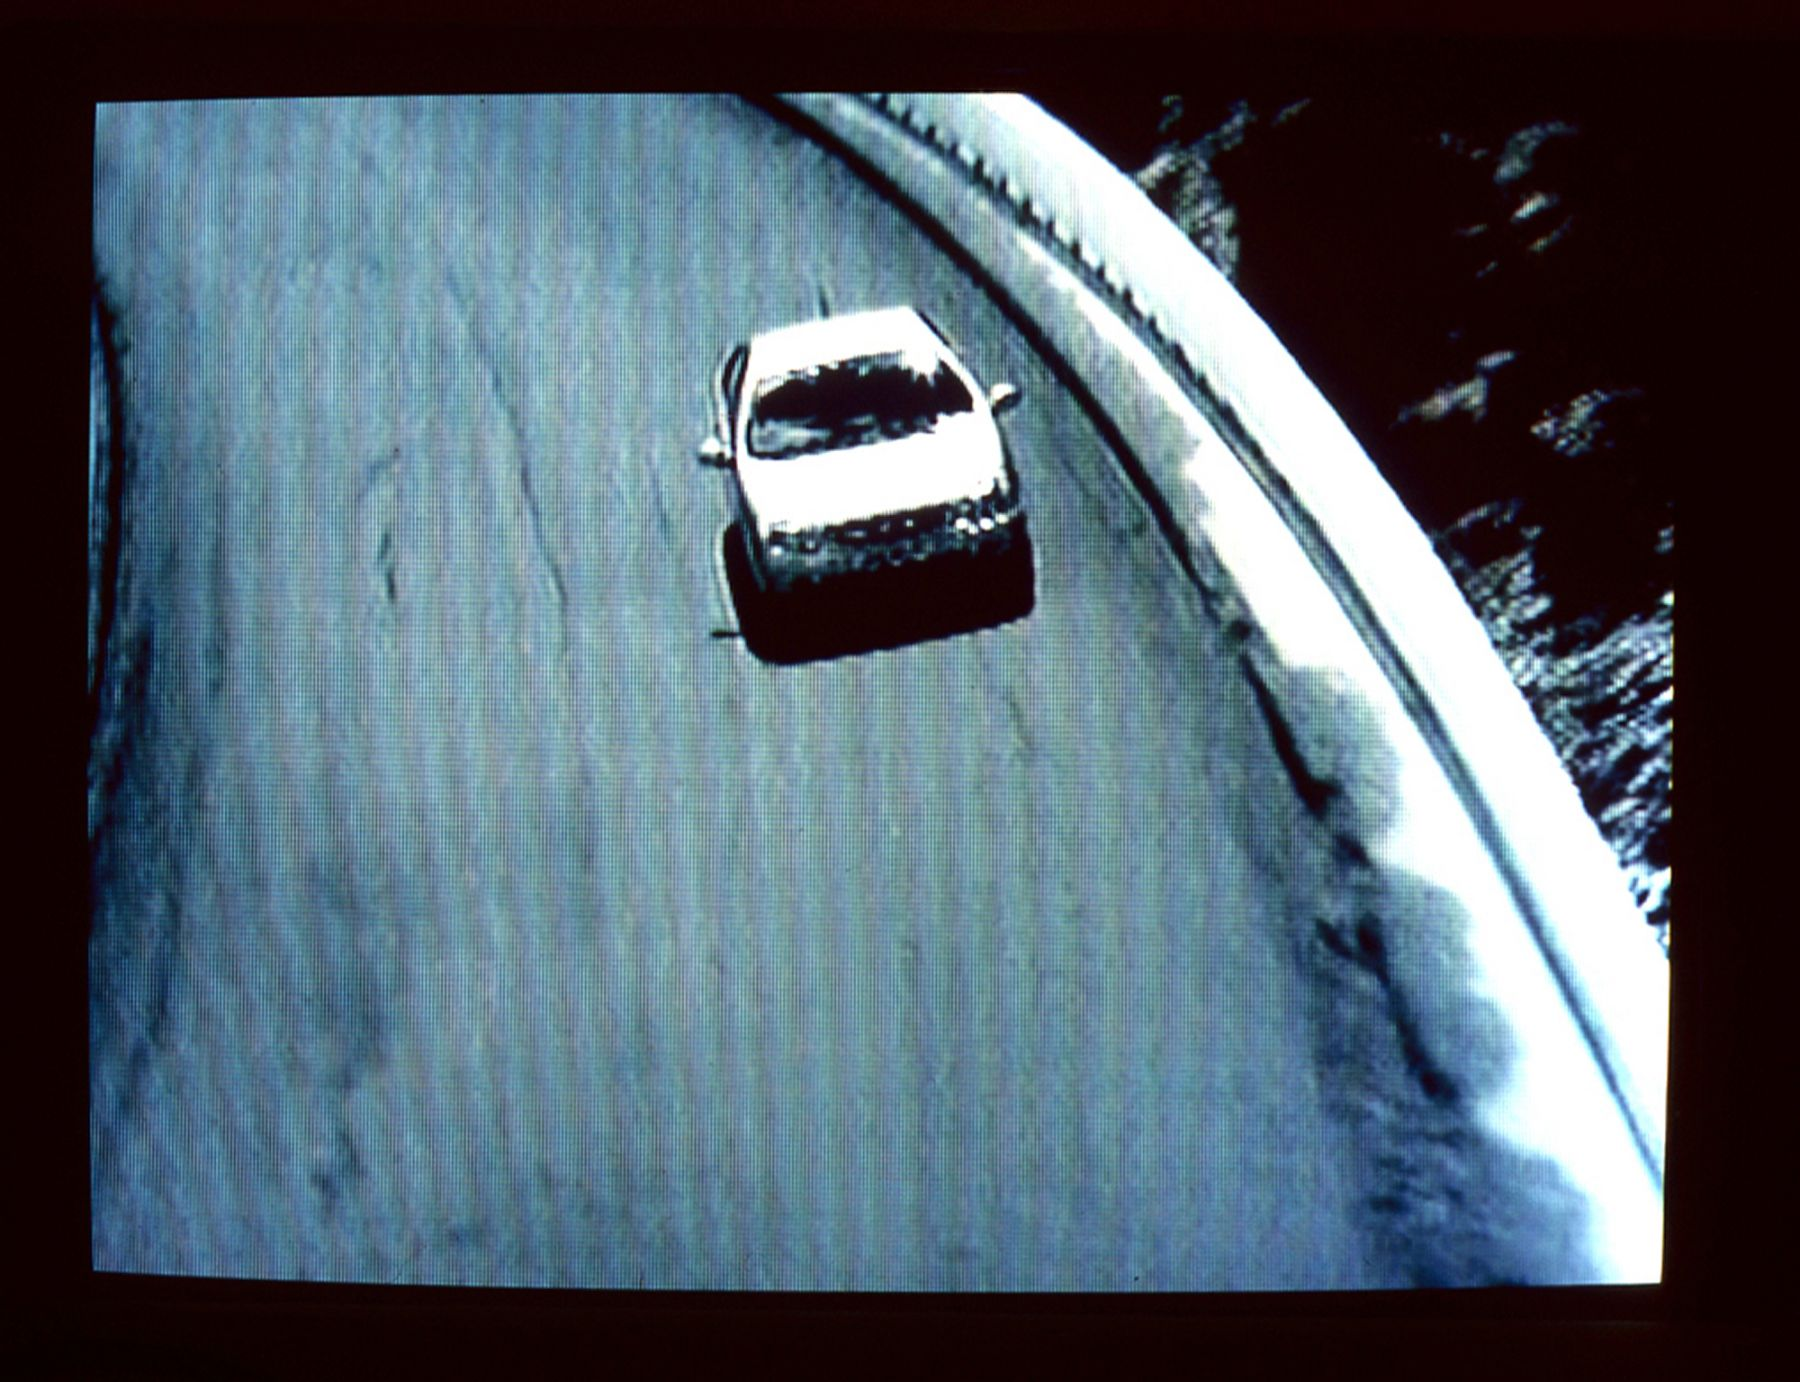 Traveller, 2001 (still), 12:00 min, DVD